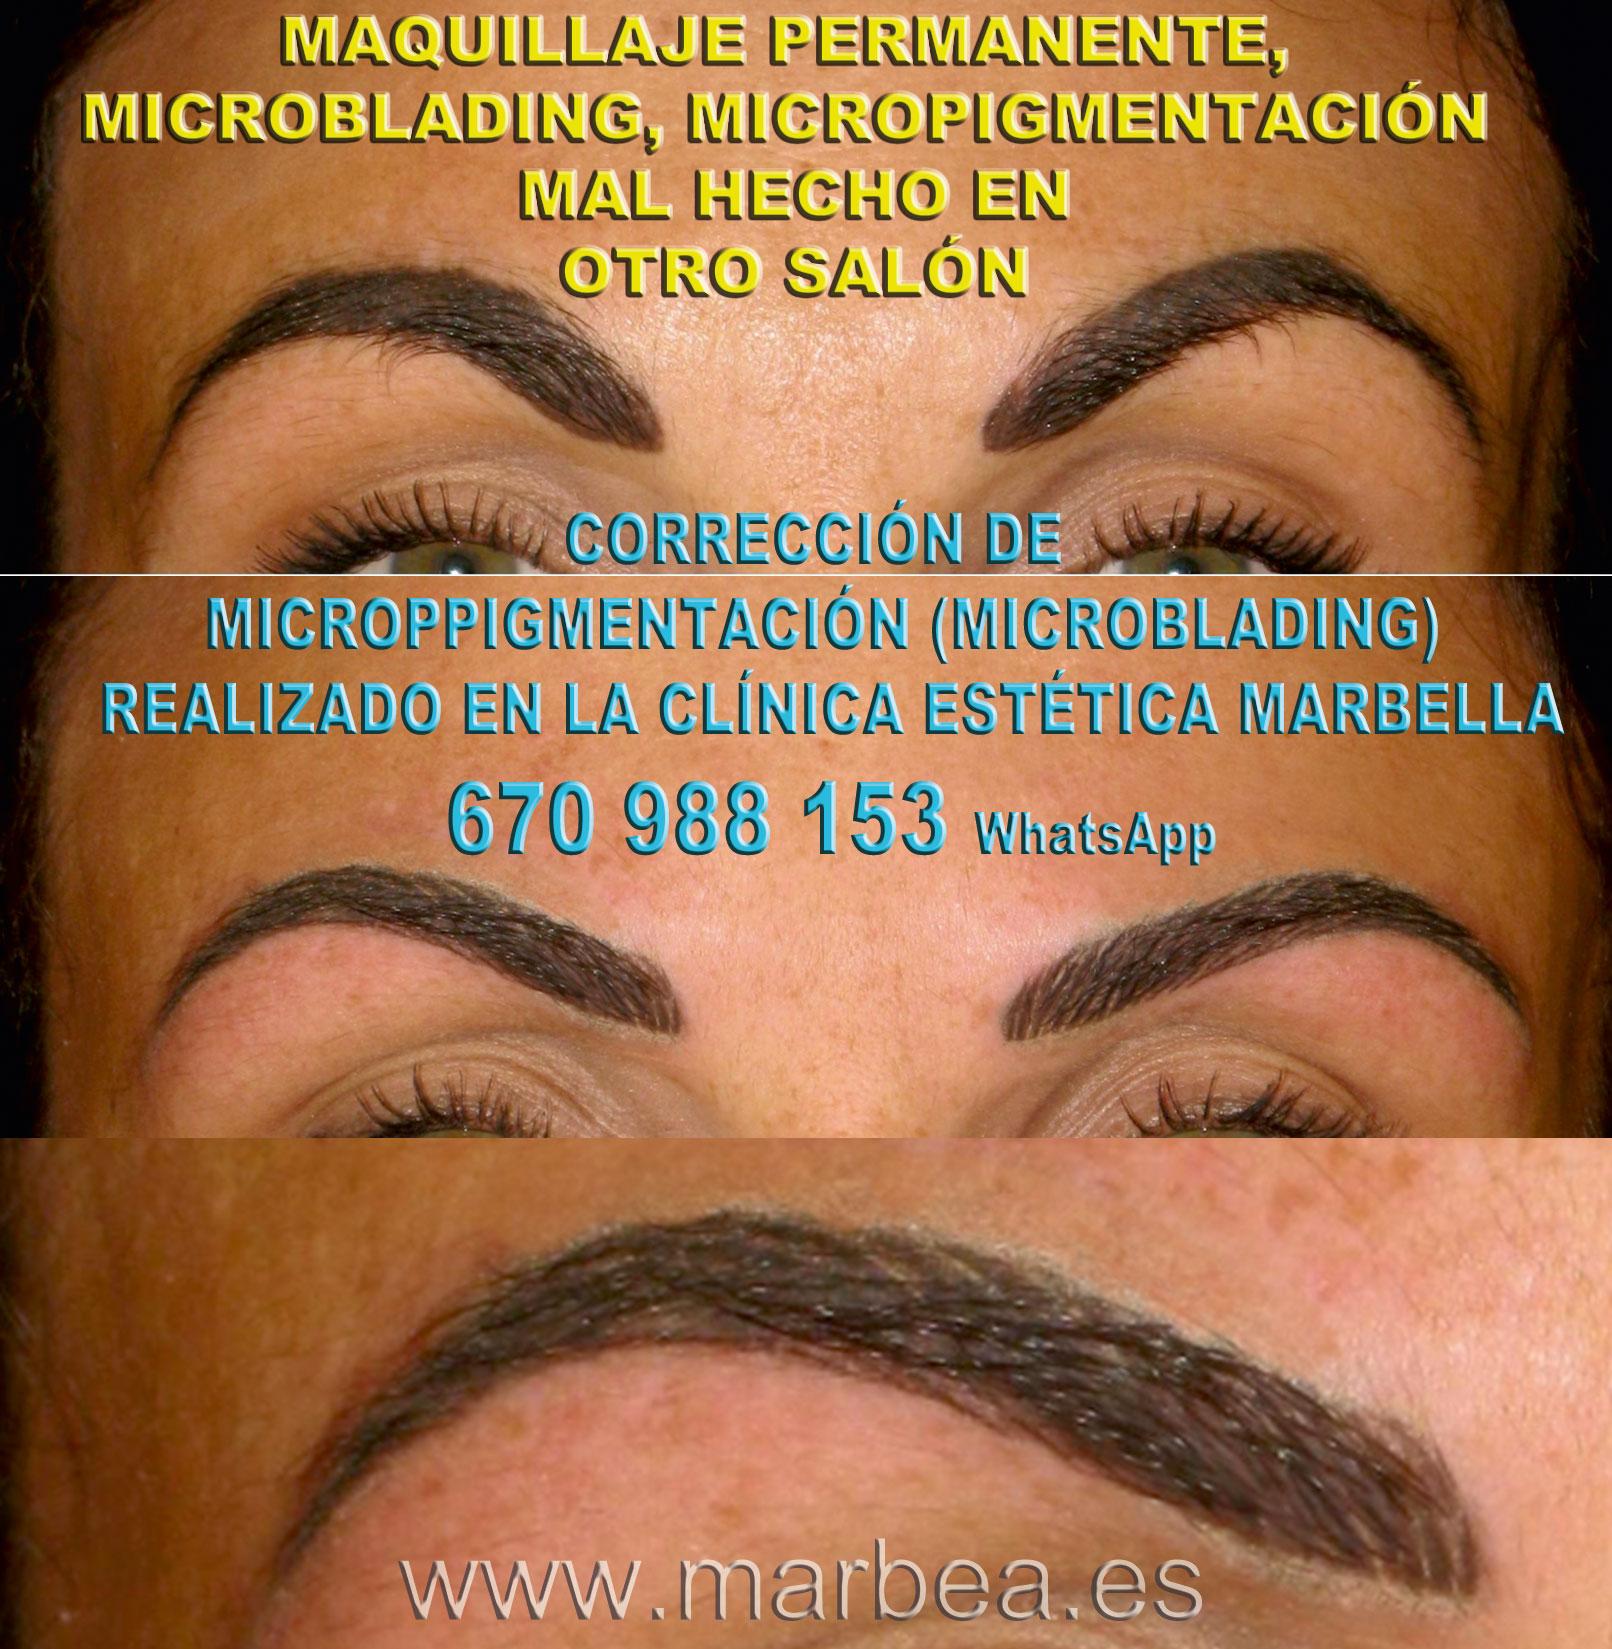 Borrar maquillaje permanente mal hecha clínica estética maquillaje permanete propone como aclarar la micropigmentación cejas,corregir micropigmentación no deseada